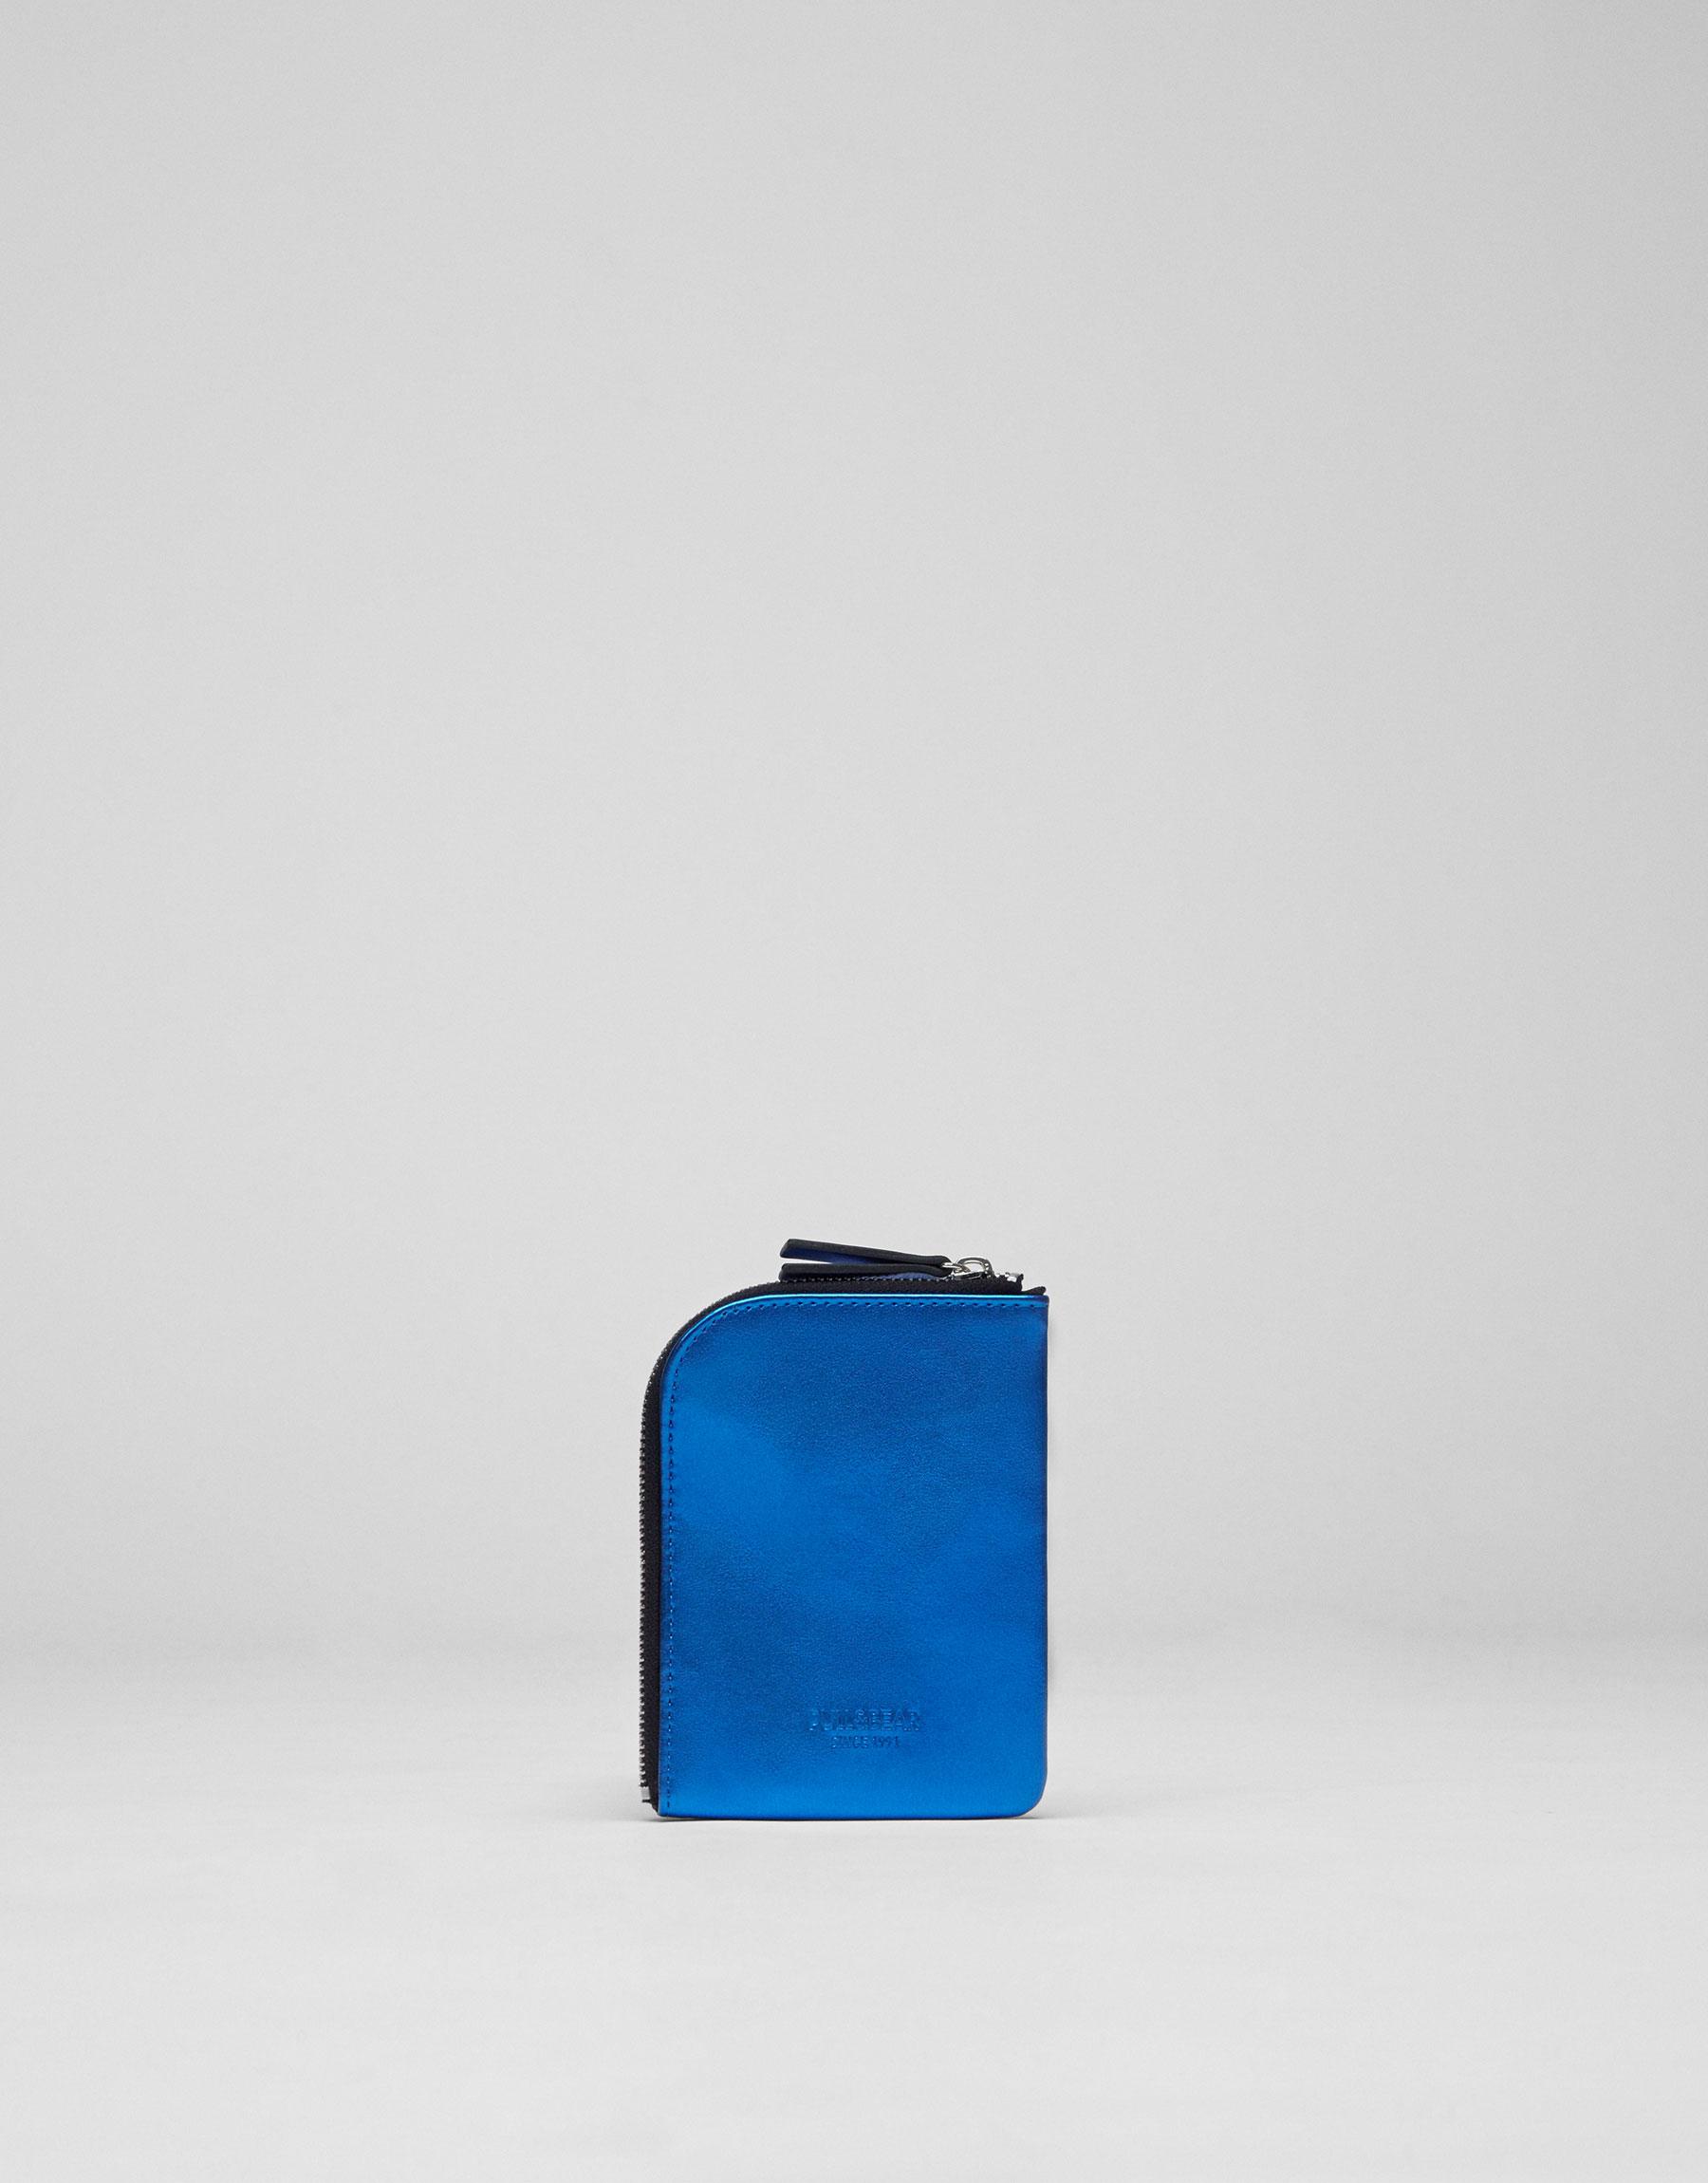 Colourful purse